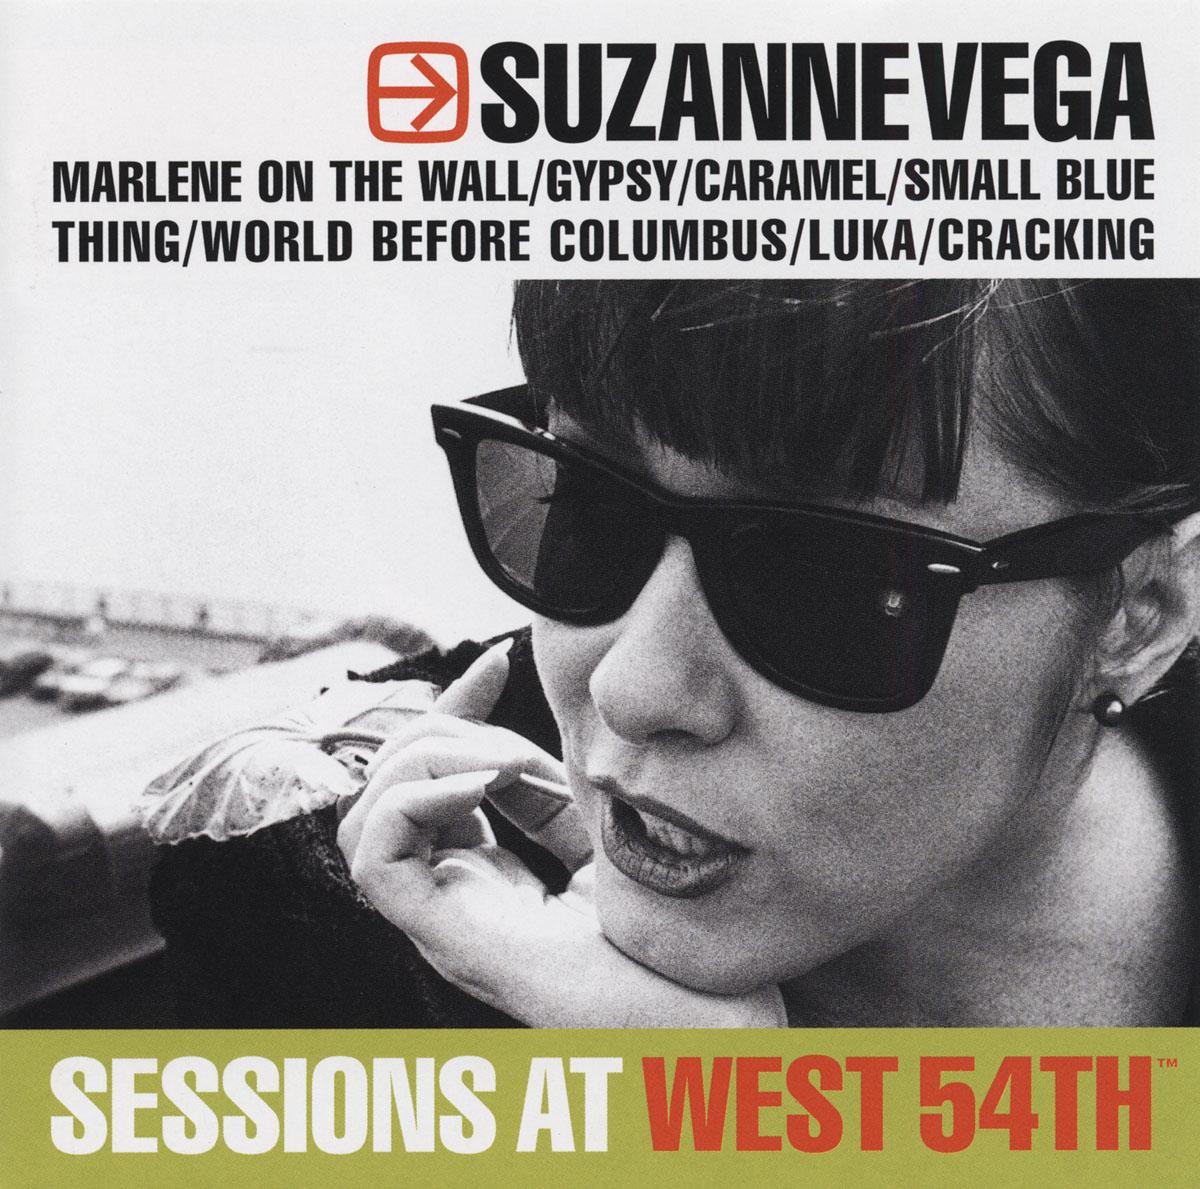 S Vega_West 54th_cover.jpg